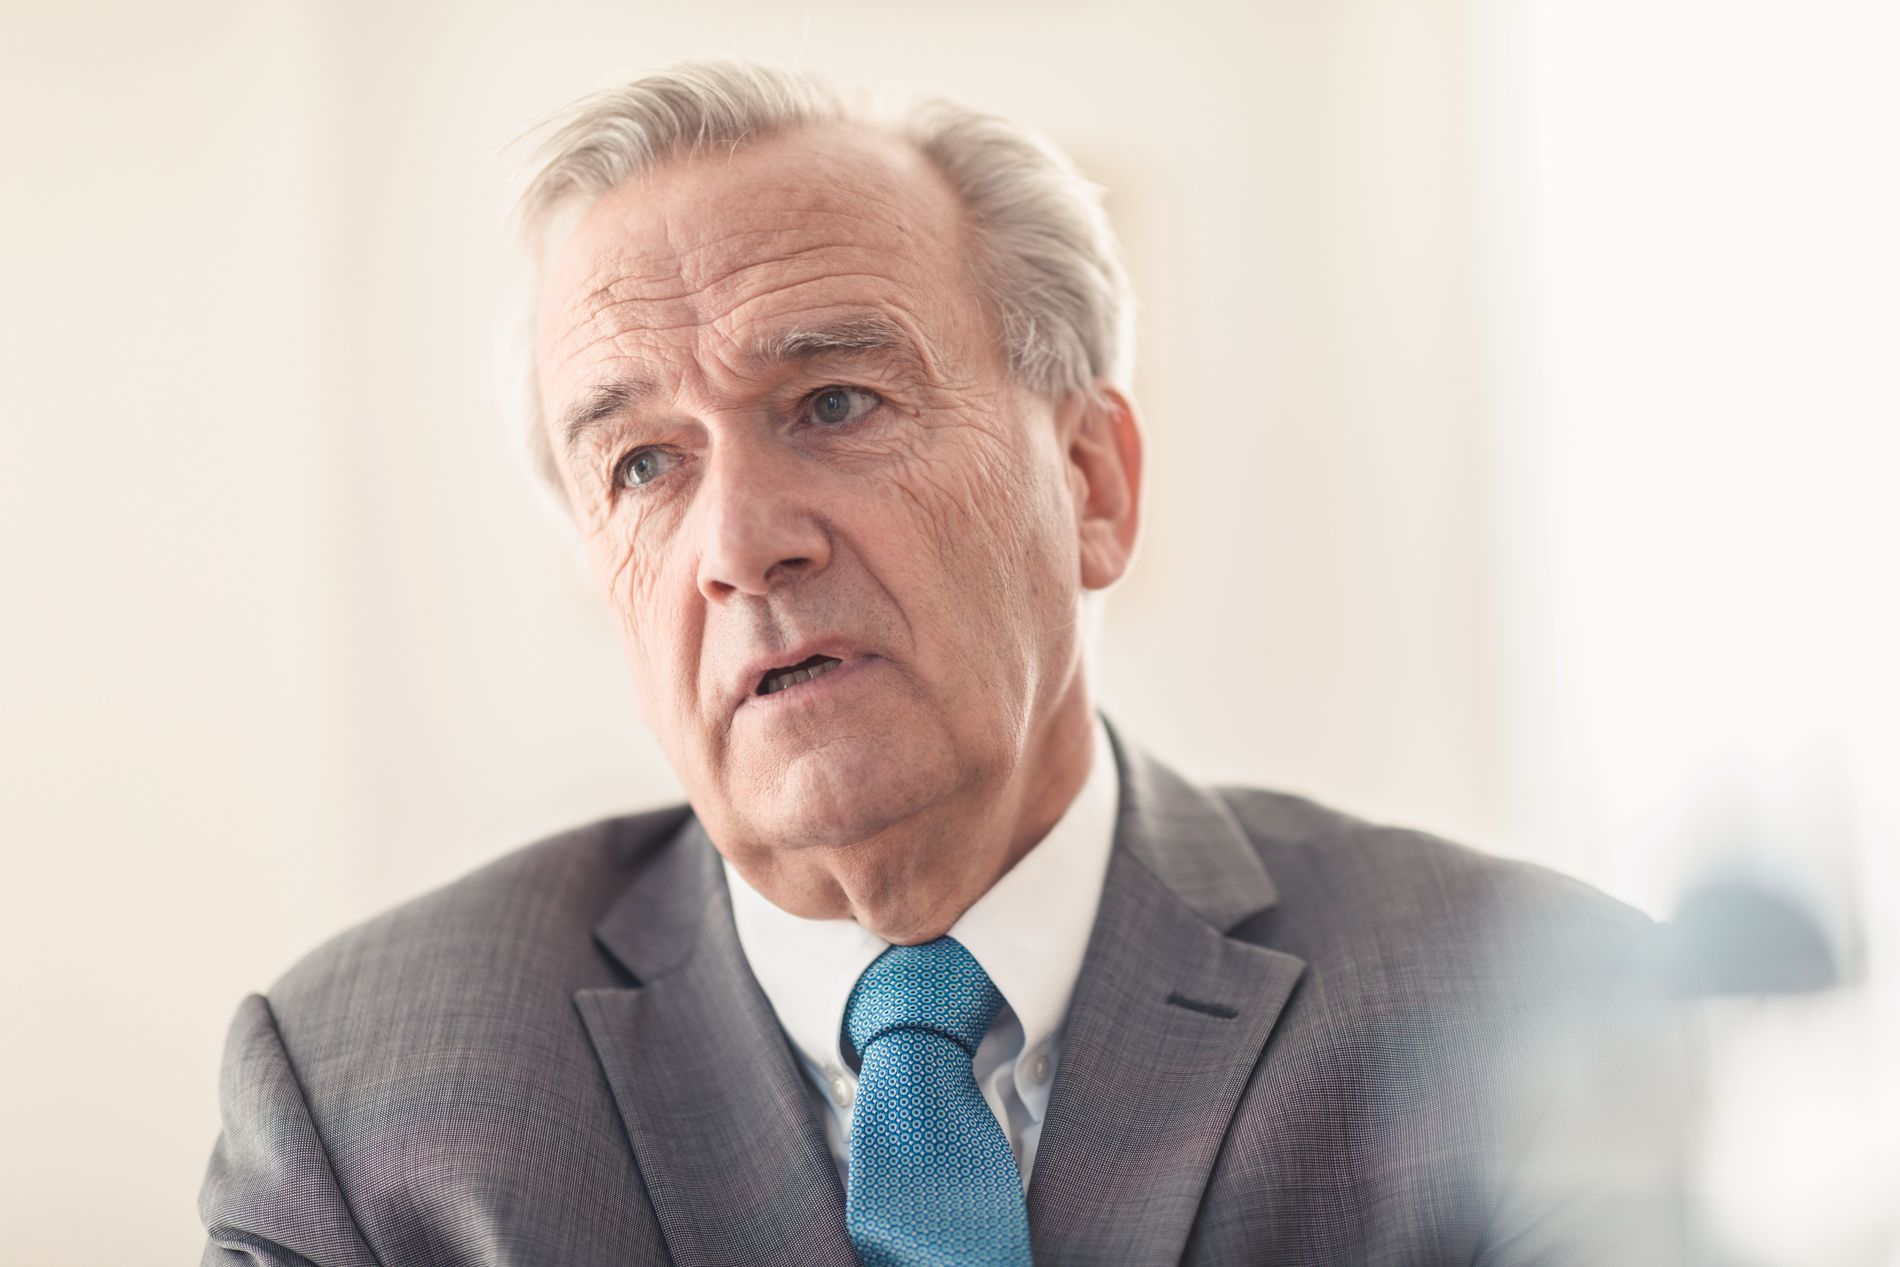 UTTALER SEG IKKE: Riksadvokat Tor-Aksel Busch vil ikke kommentere avgjørelsen.